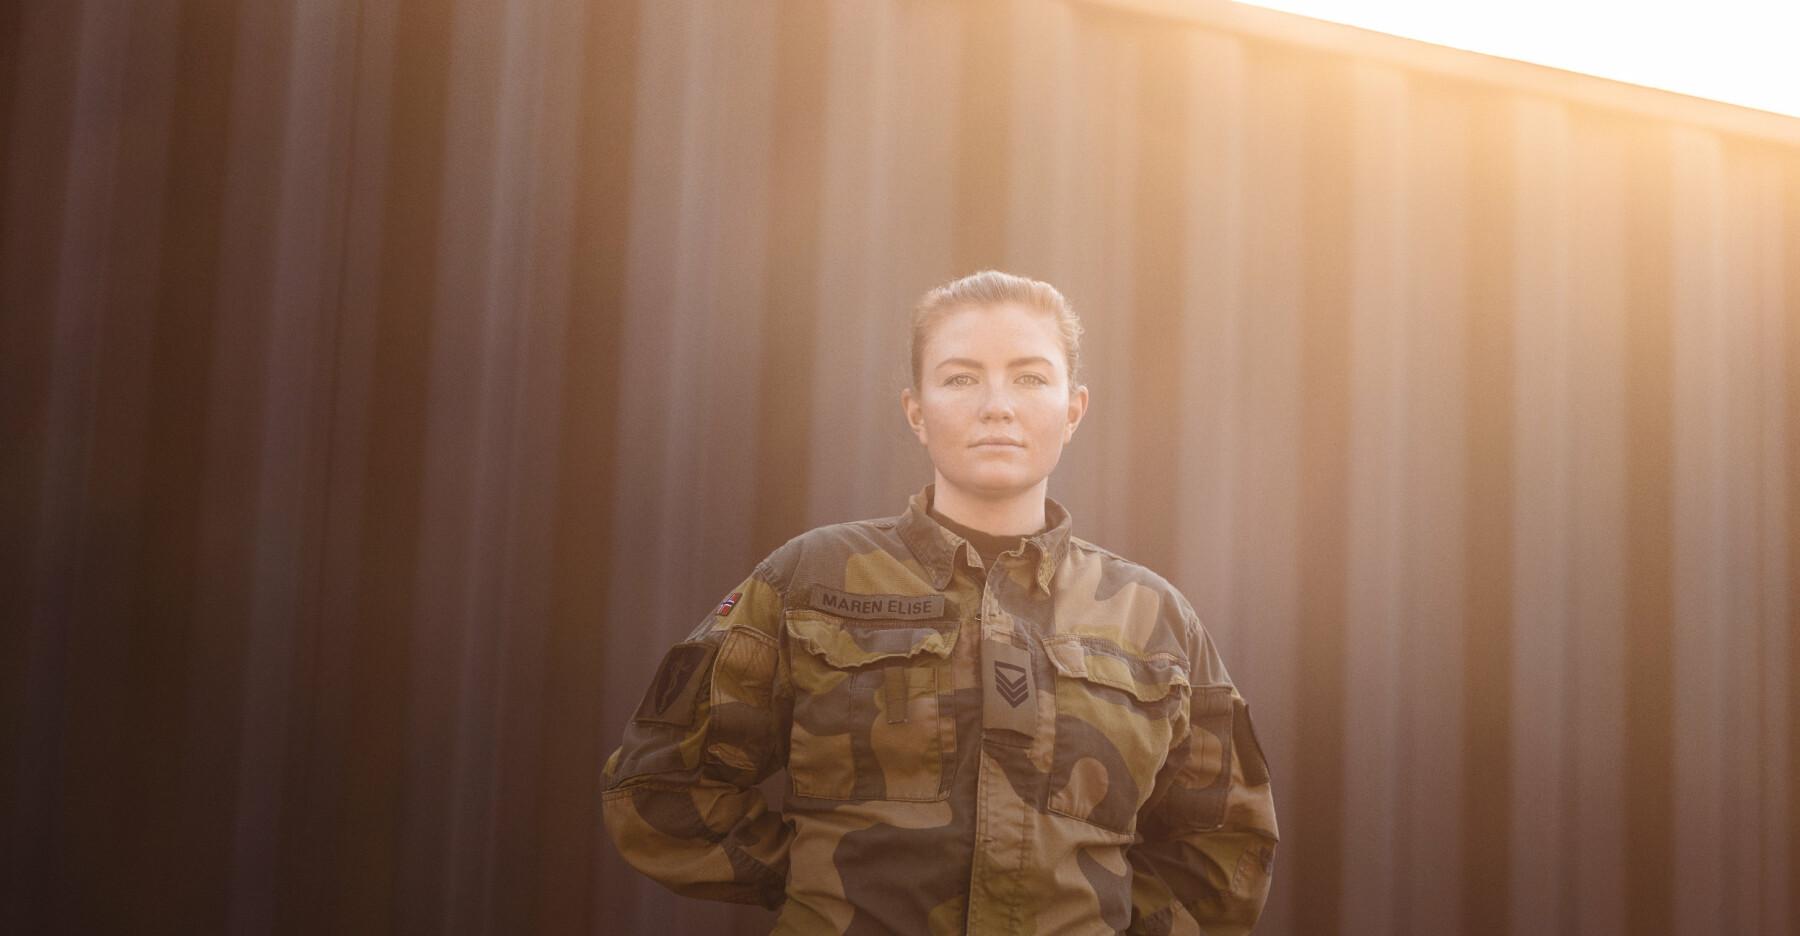 Kursbefal under fagperioden til de nye legene i forsvaret, Maren Elise Røkaas.